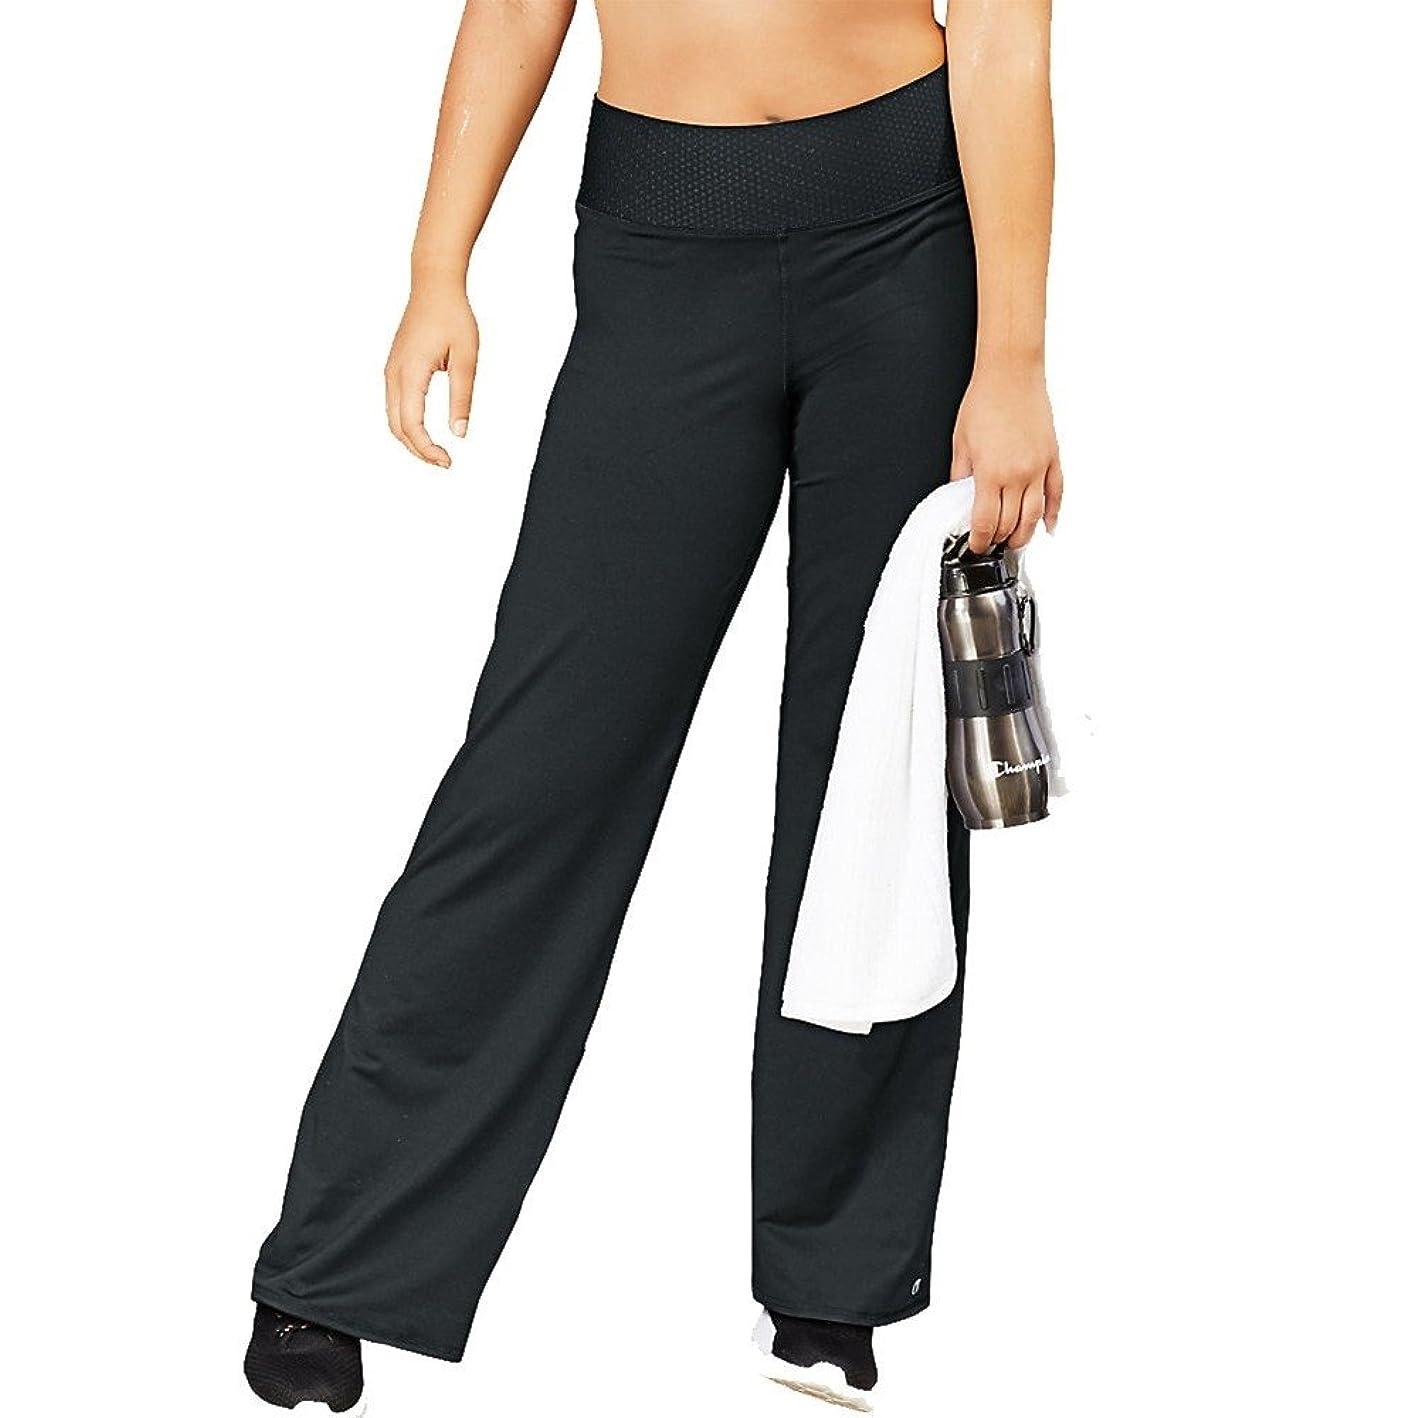 アラブサラボ受取人スリチンモイ(チャンピオン) Champion レディース ボトムス?パンツ Champion Plus Size Absolute Semi-Fit SmoothTec Band Pants [並行輸入品]